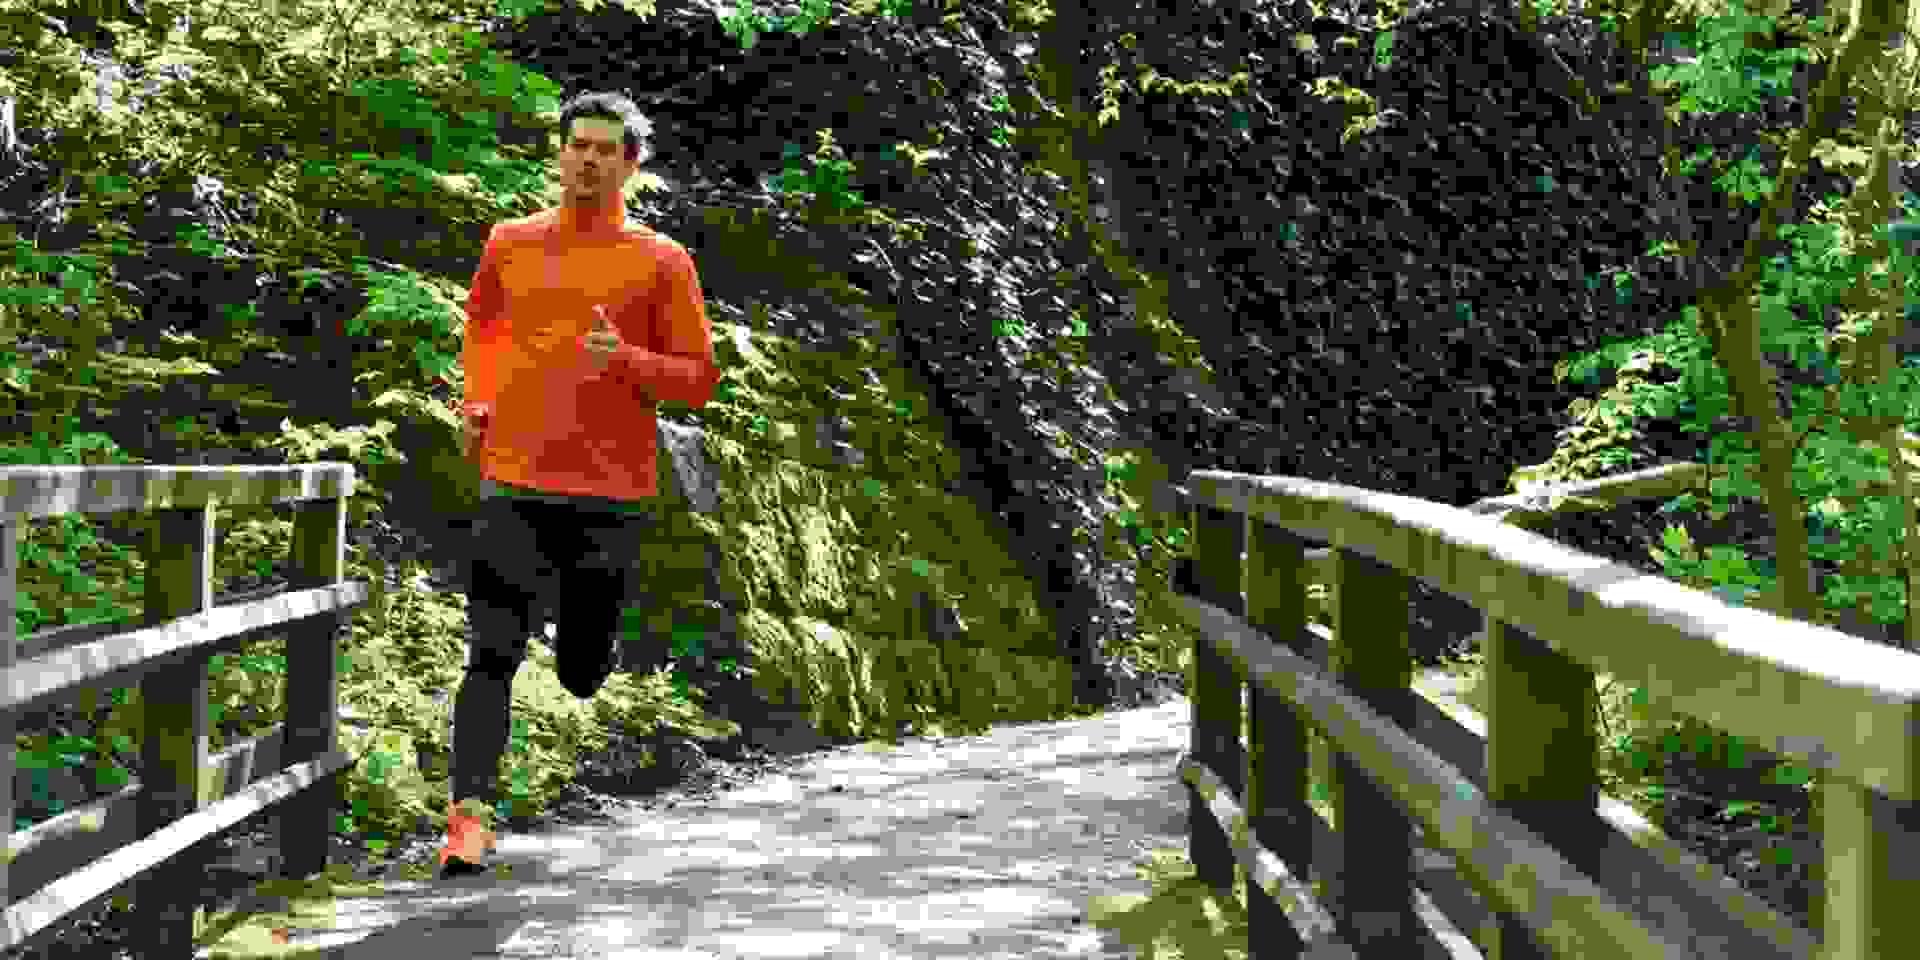 Ein Läufer bereitet sich auf den Halbmarathon vor. Er läuft durch einen Wald und überquert eine Holzbrücke.